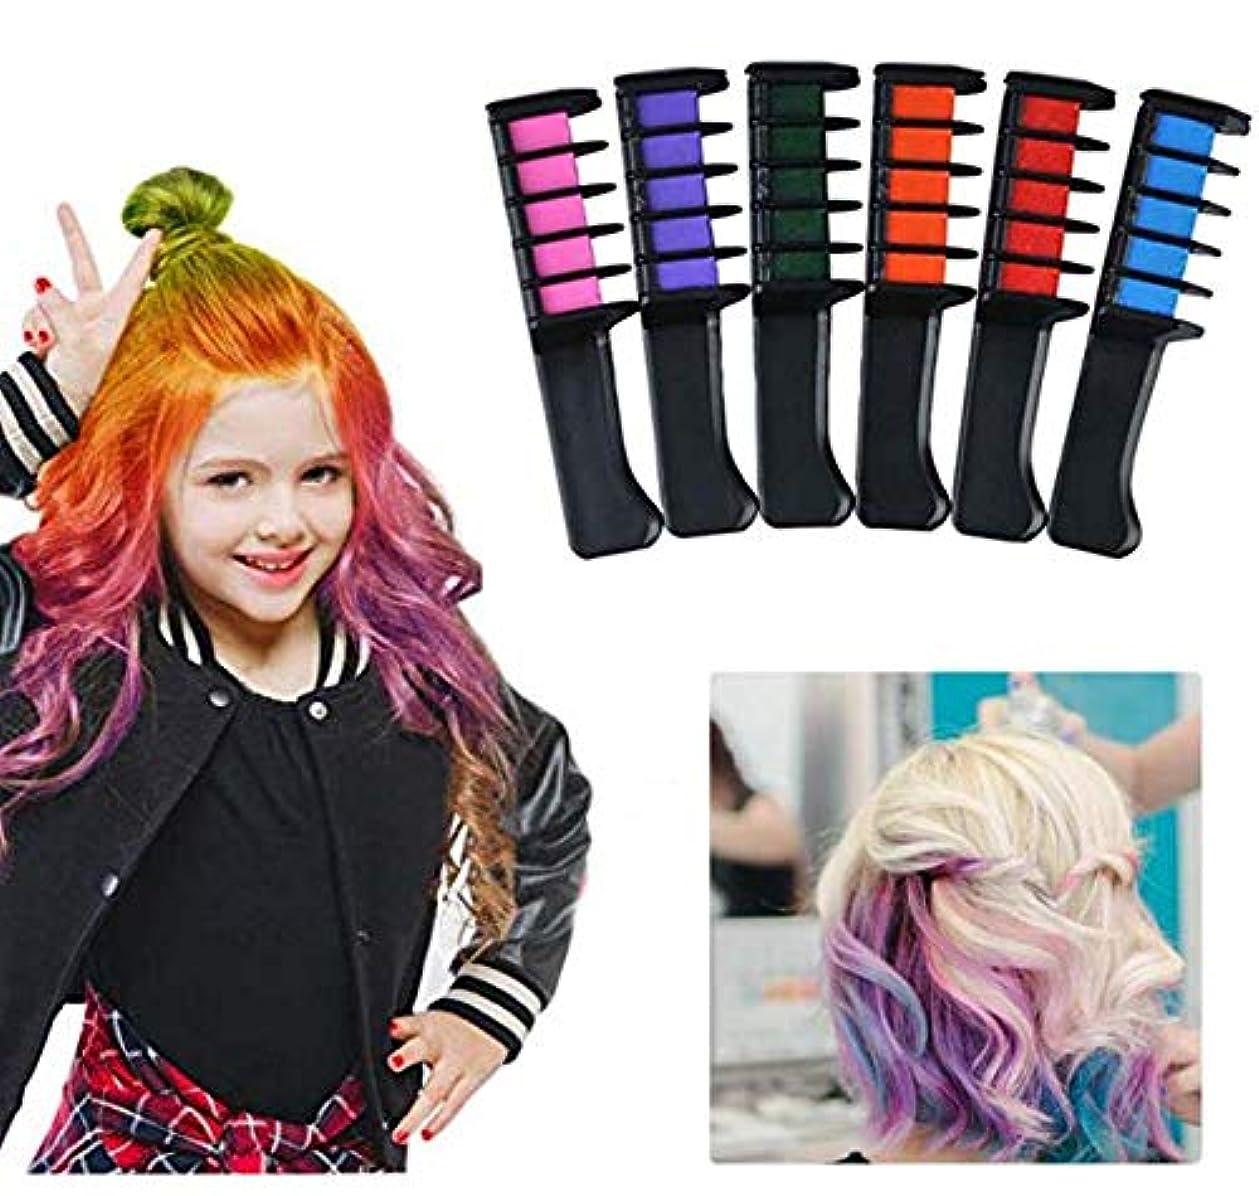 マラウイみがきますゲートウェイ子供のための安全な非有毒な一時的な髪のチョークの櫛6色髪の色の櫛髪のチョークの櫛、女の子、パーティー、コスプレ